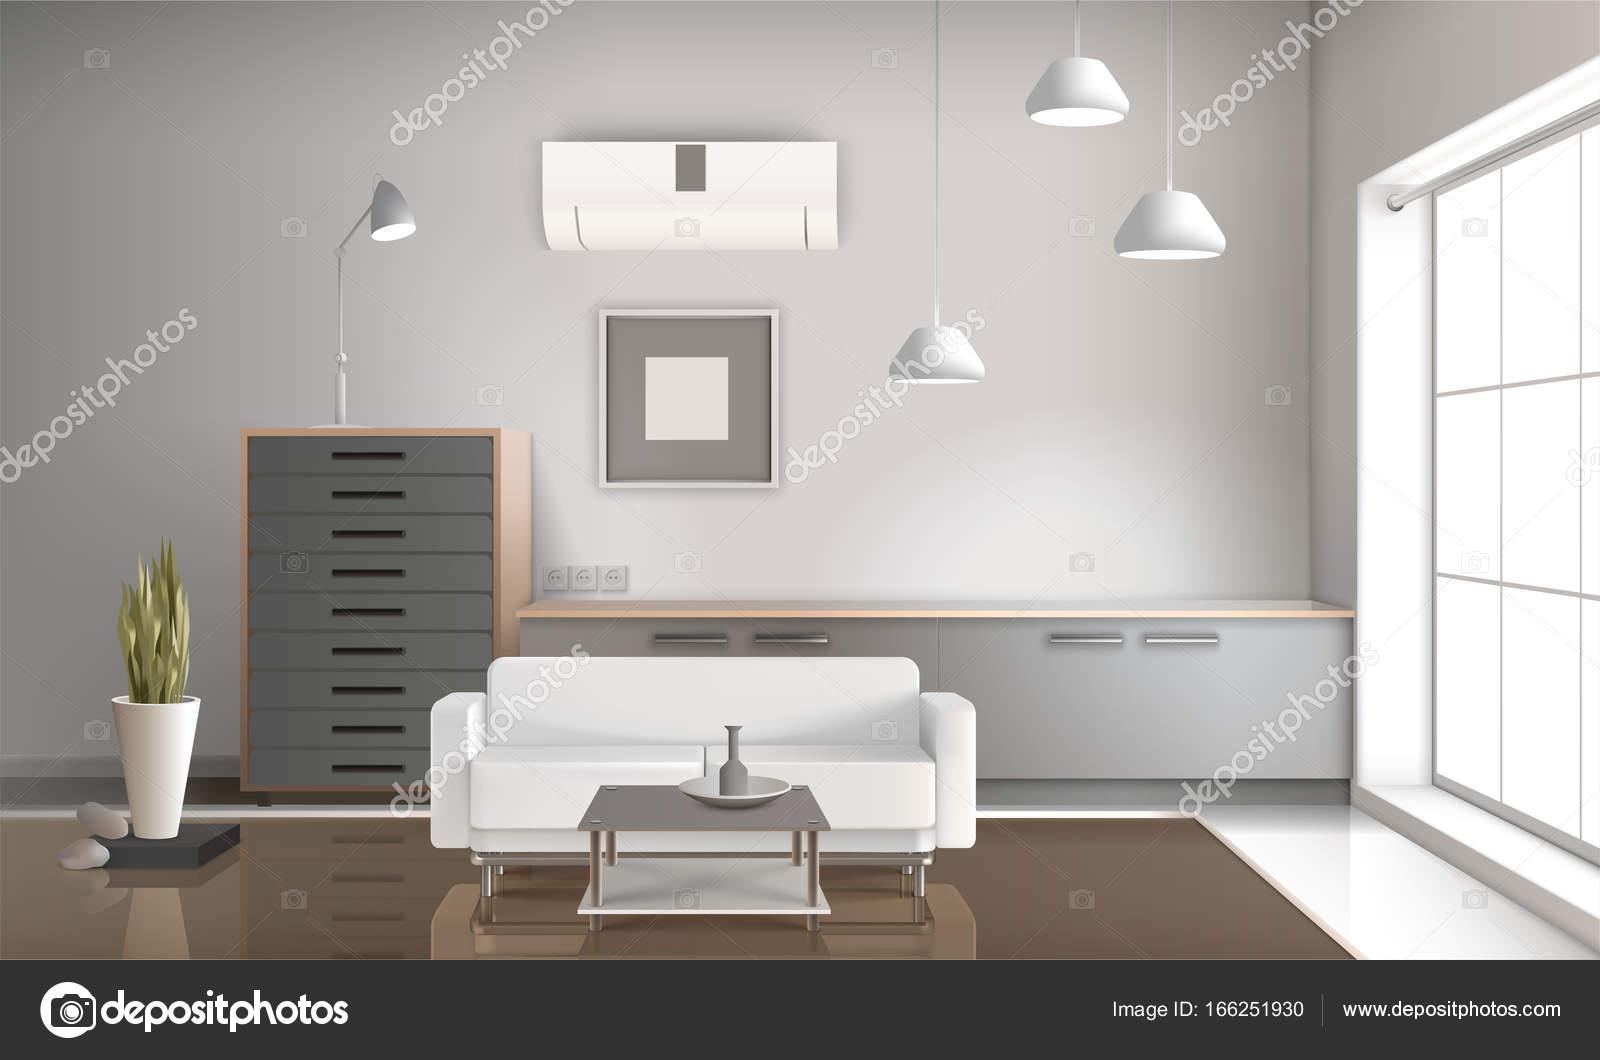 3d Woonkamer Ontwerpen : Realistische woonkamer interieur 3d ontwerp u2014 stockvector